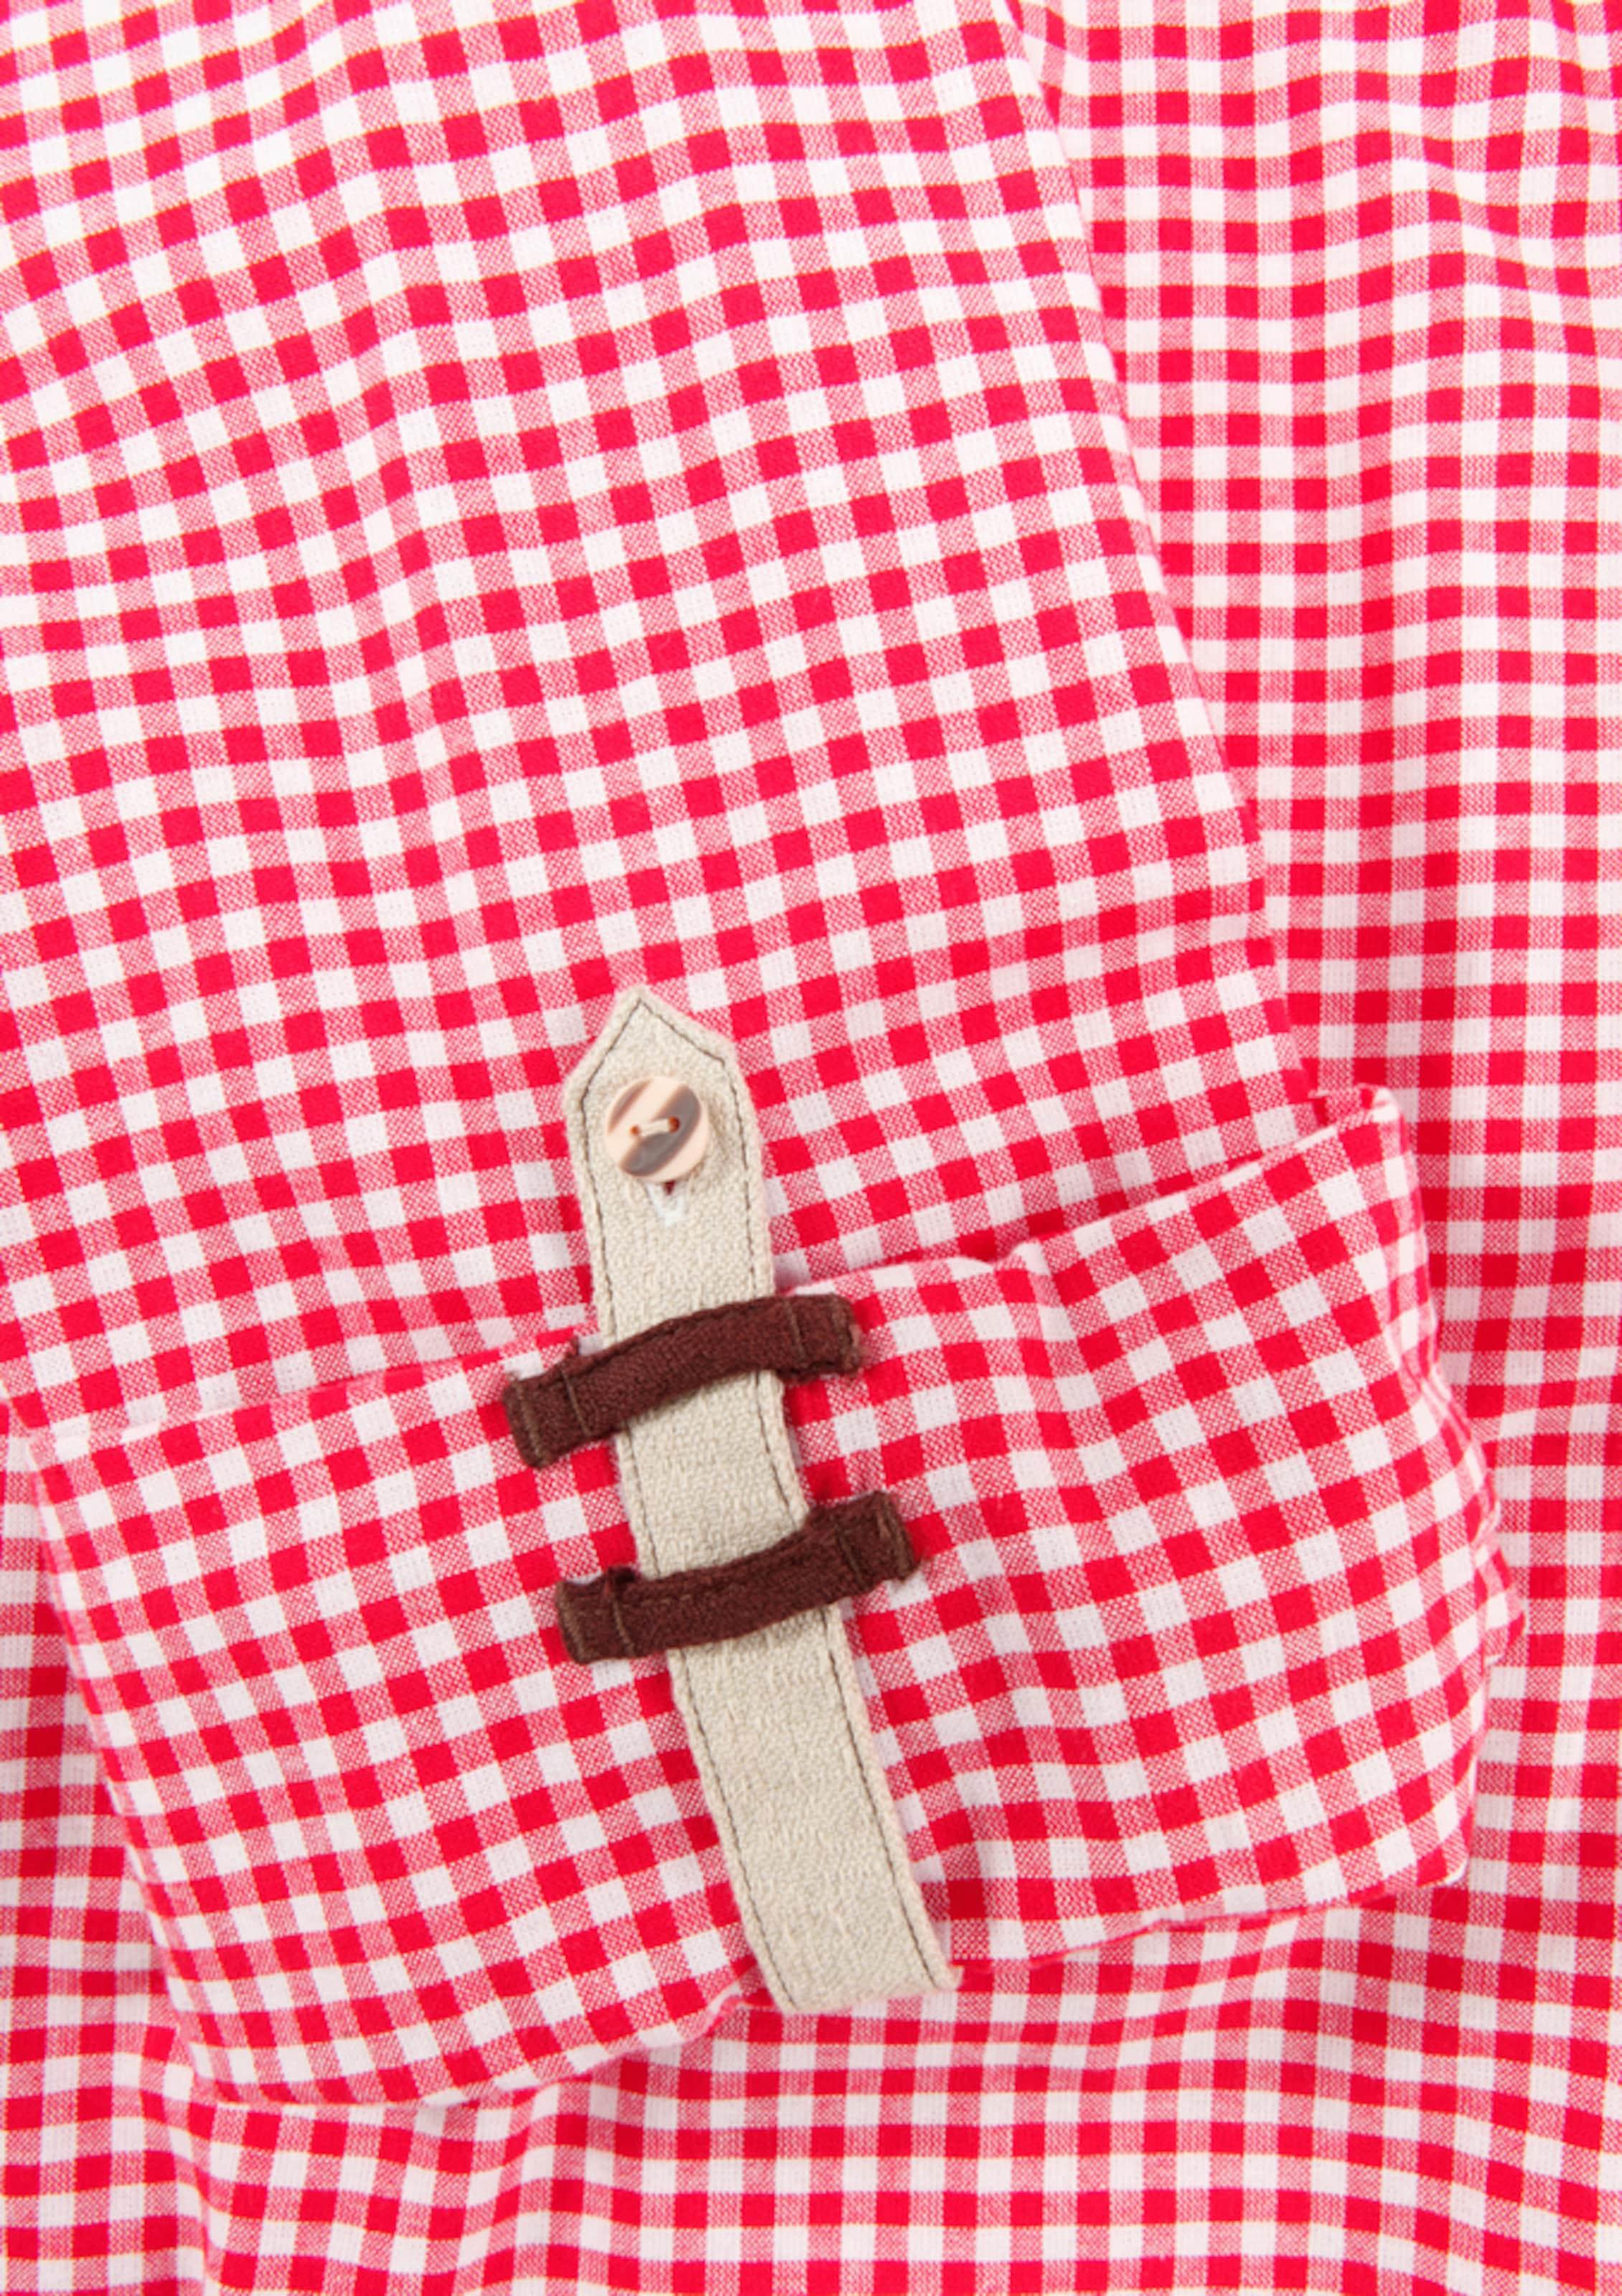 OS-TRACHTEN Trachtenhemd mit Stickerei Freies Verschiffen Geniue Händler Billig Verkauf Limitierter Auflage Spielraum Erstaunlicher Preis Online Verkauf Viele Arten Von BgVcCLUP